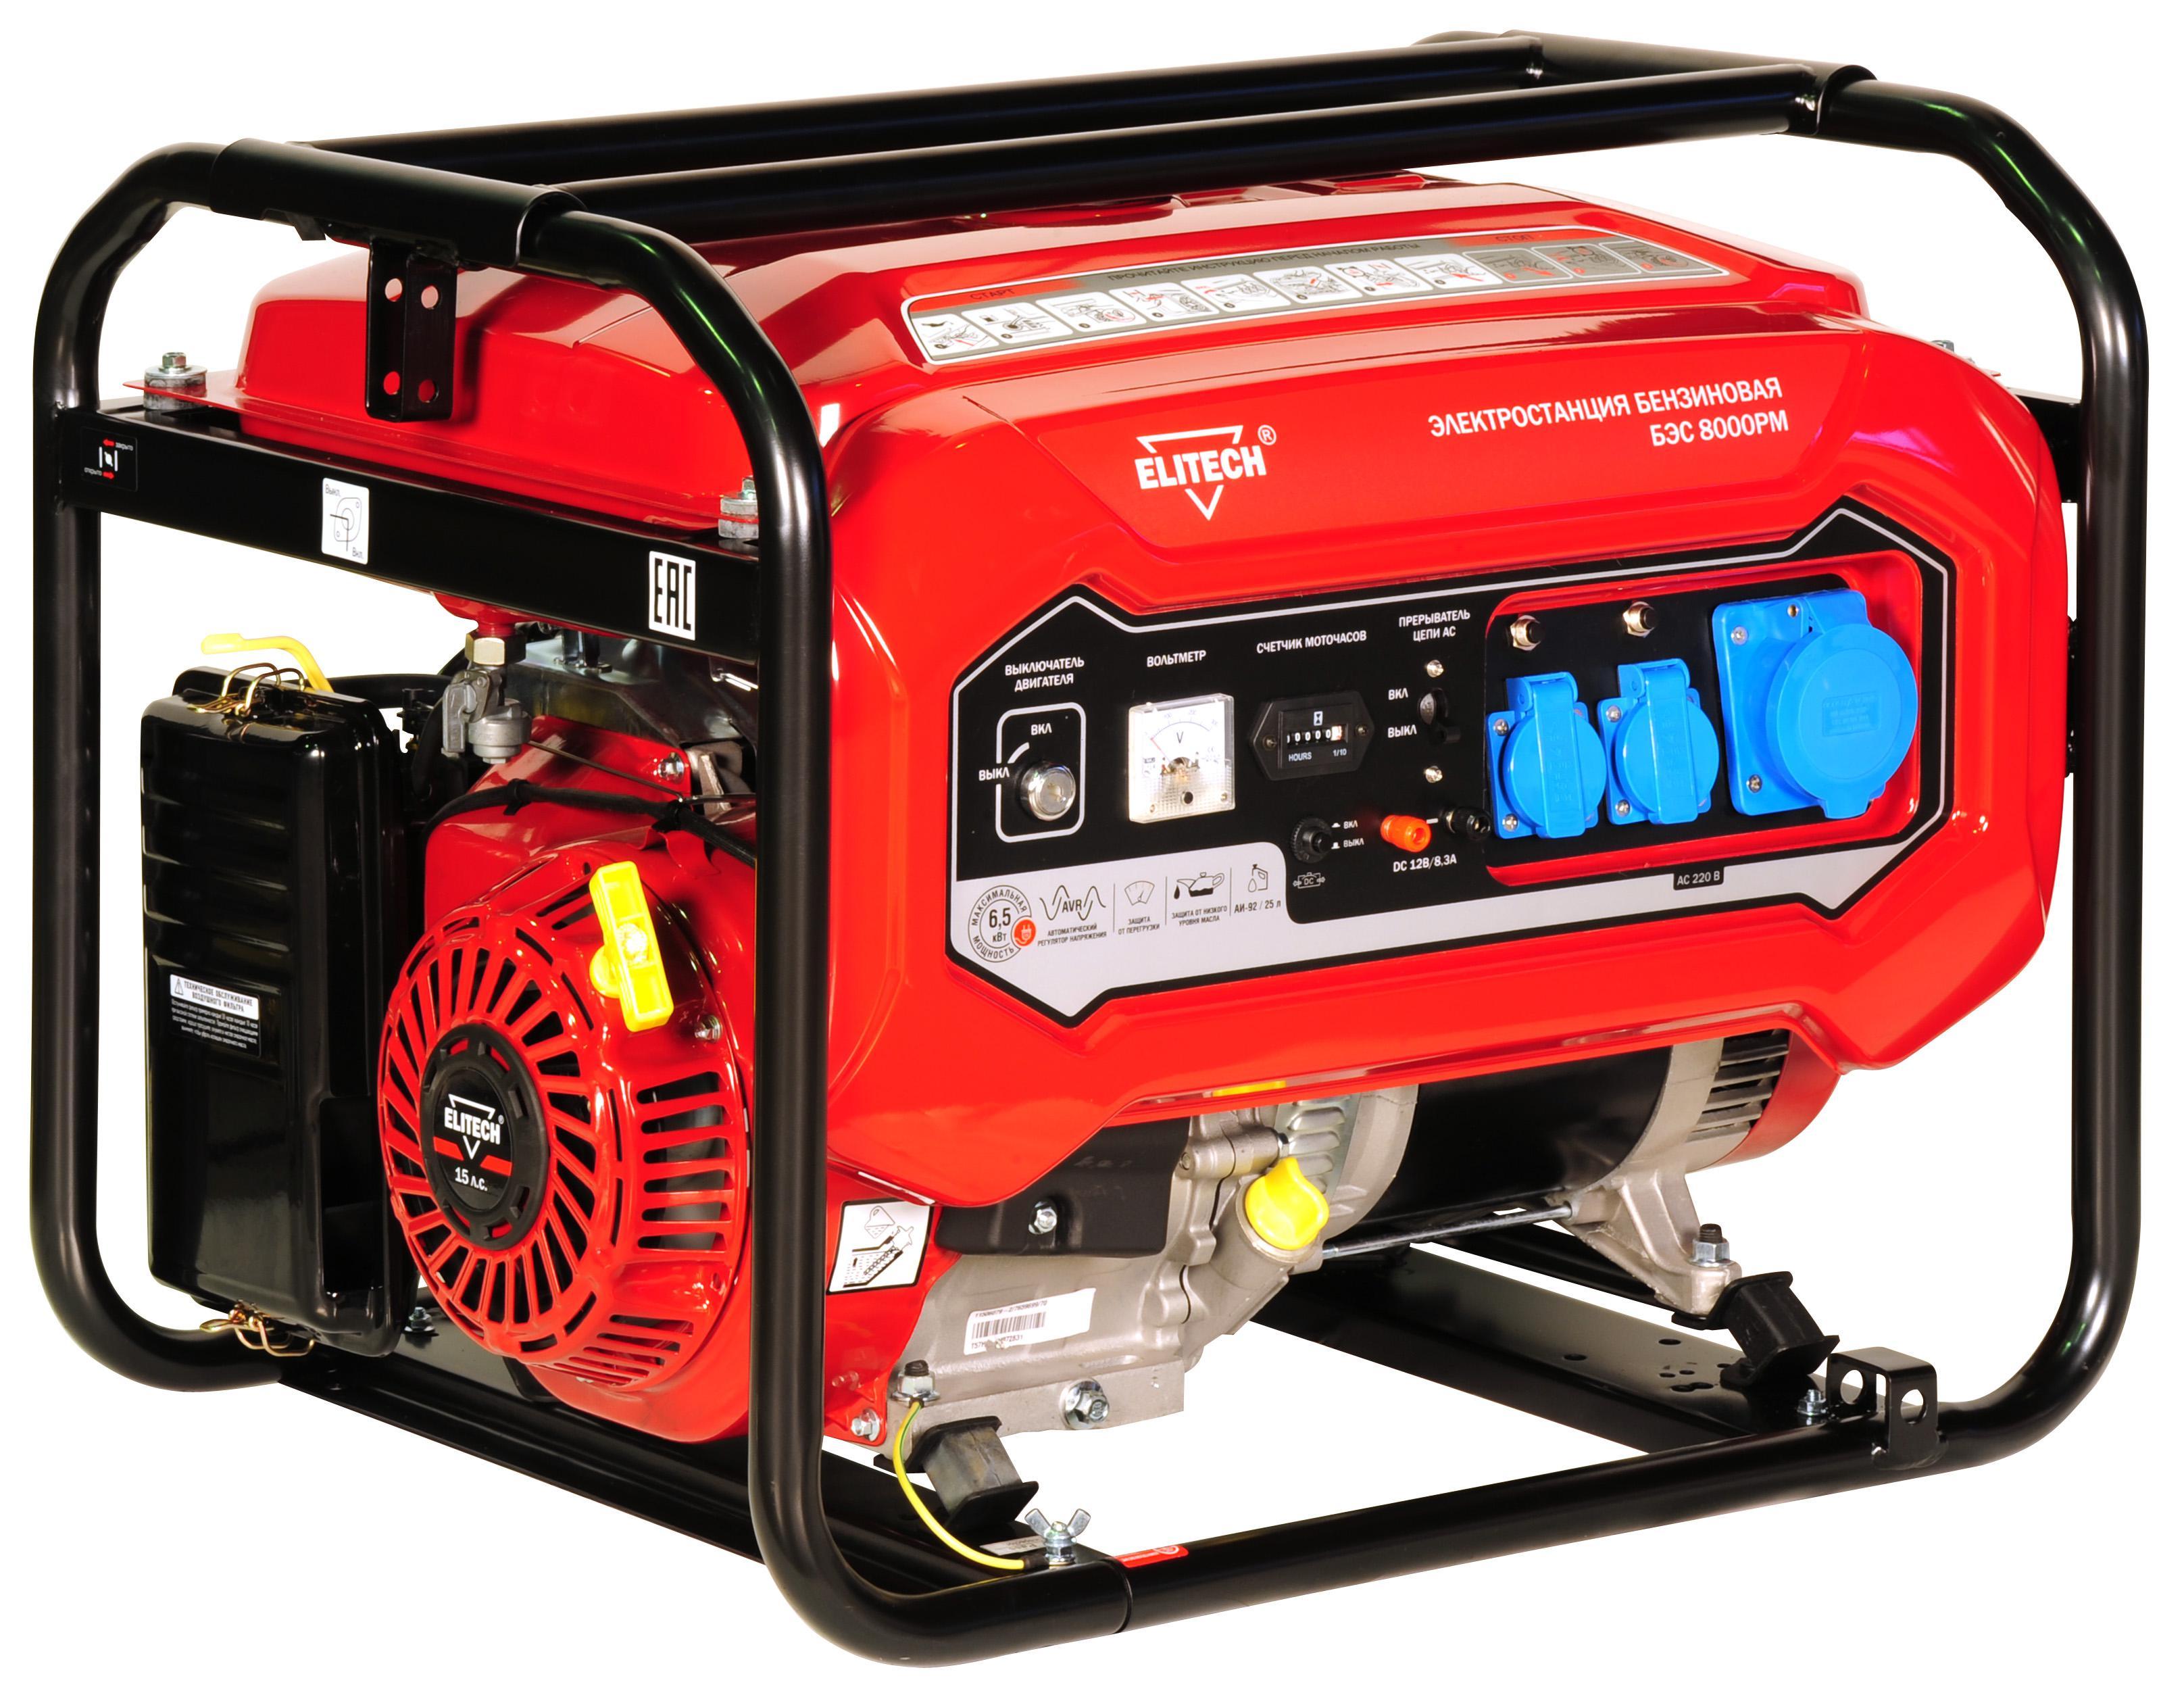 Бензиновый генератор Elitech БЭС 8000РМ генератор elitech дэс 12000 еm